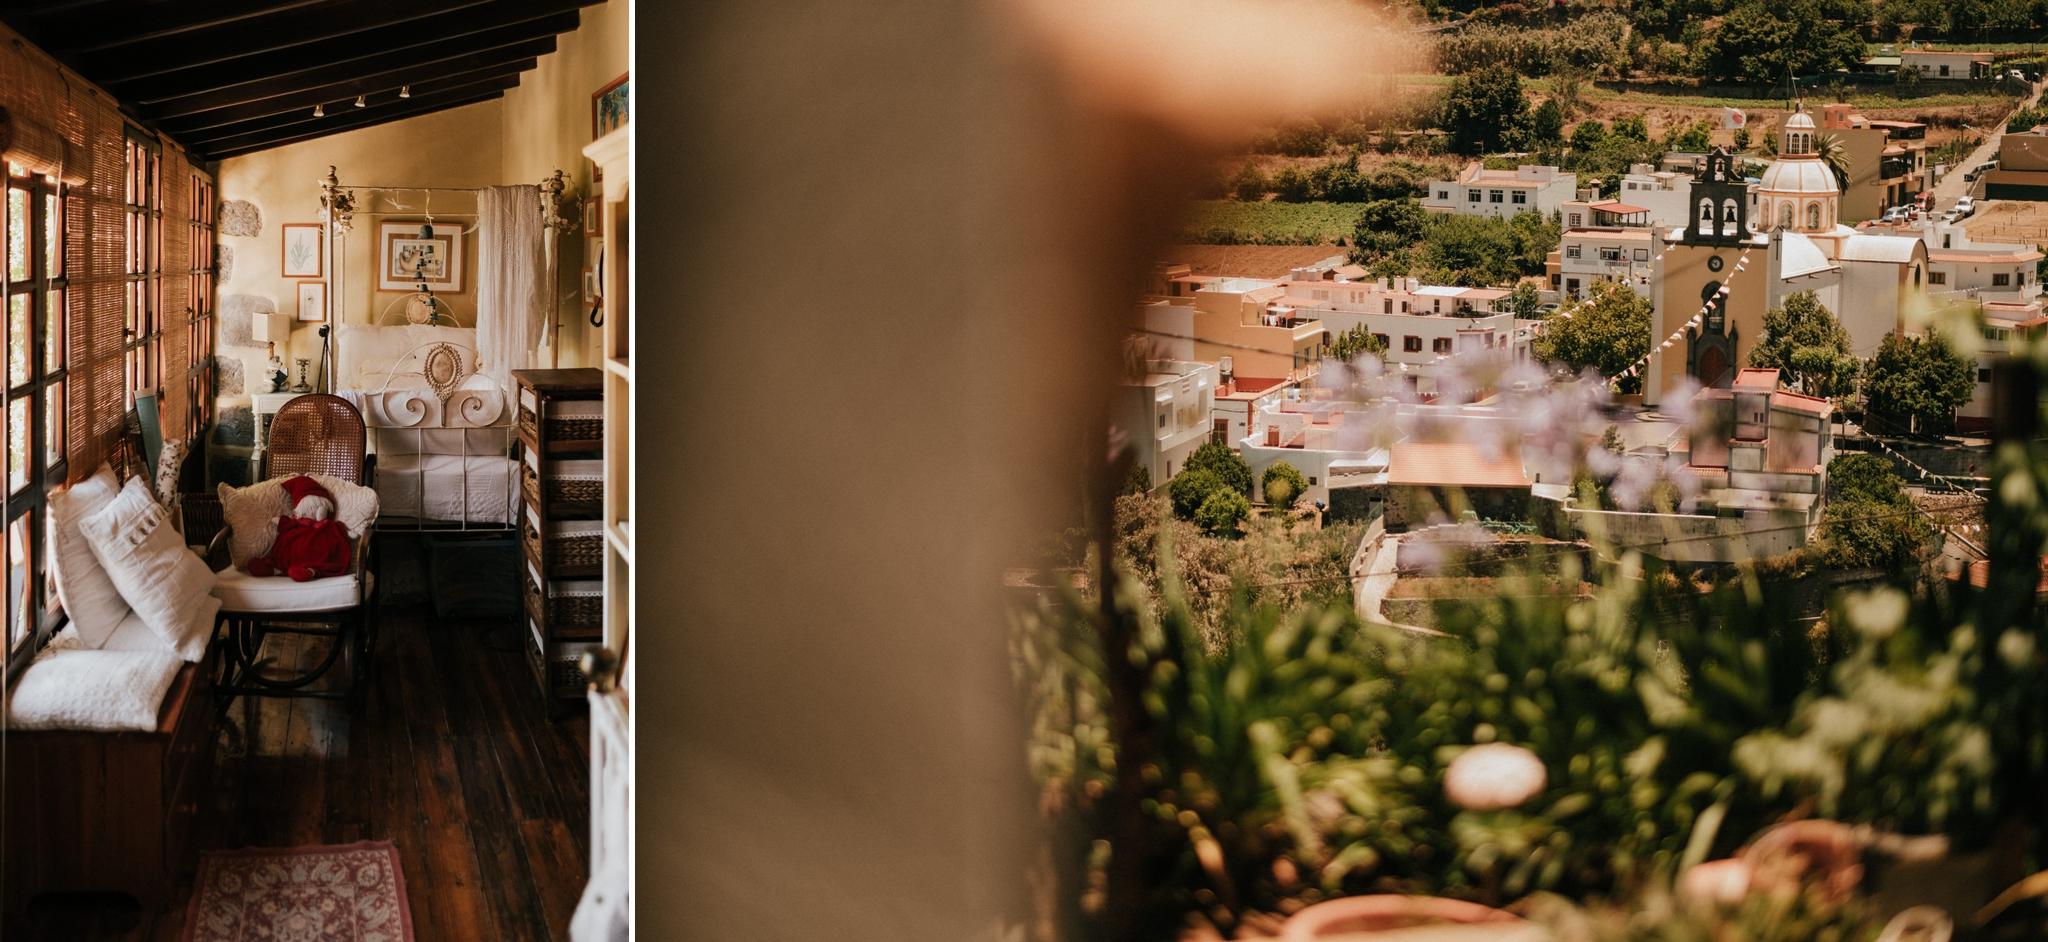 fotografo-boda-laspalmas-jardin-van-de-walle